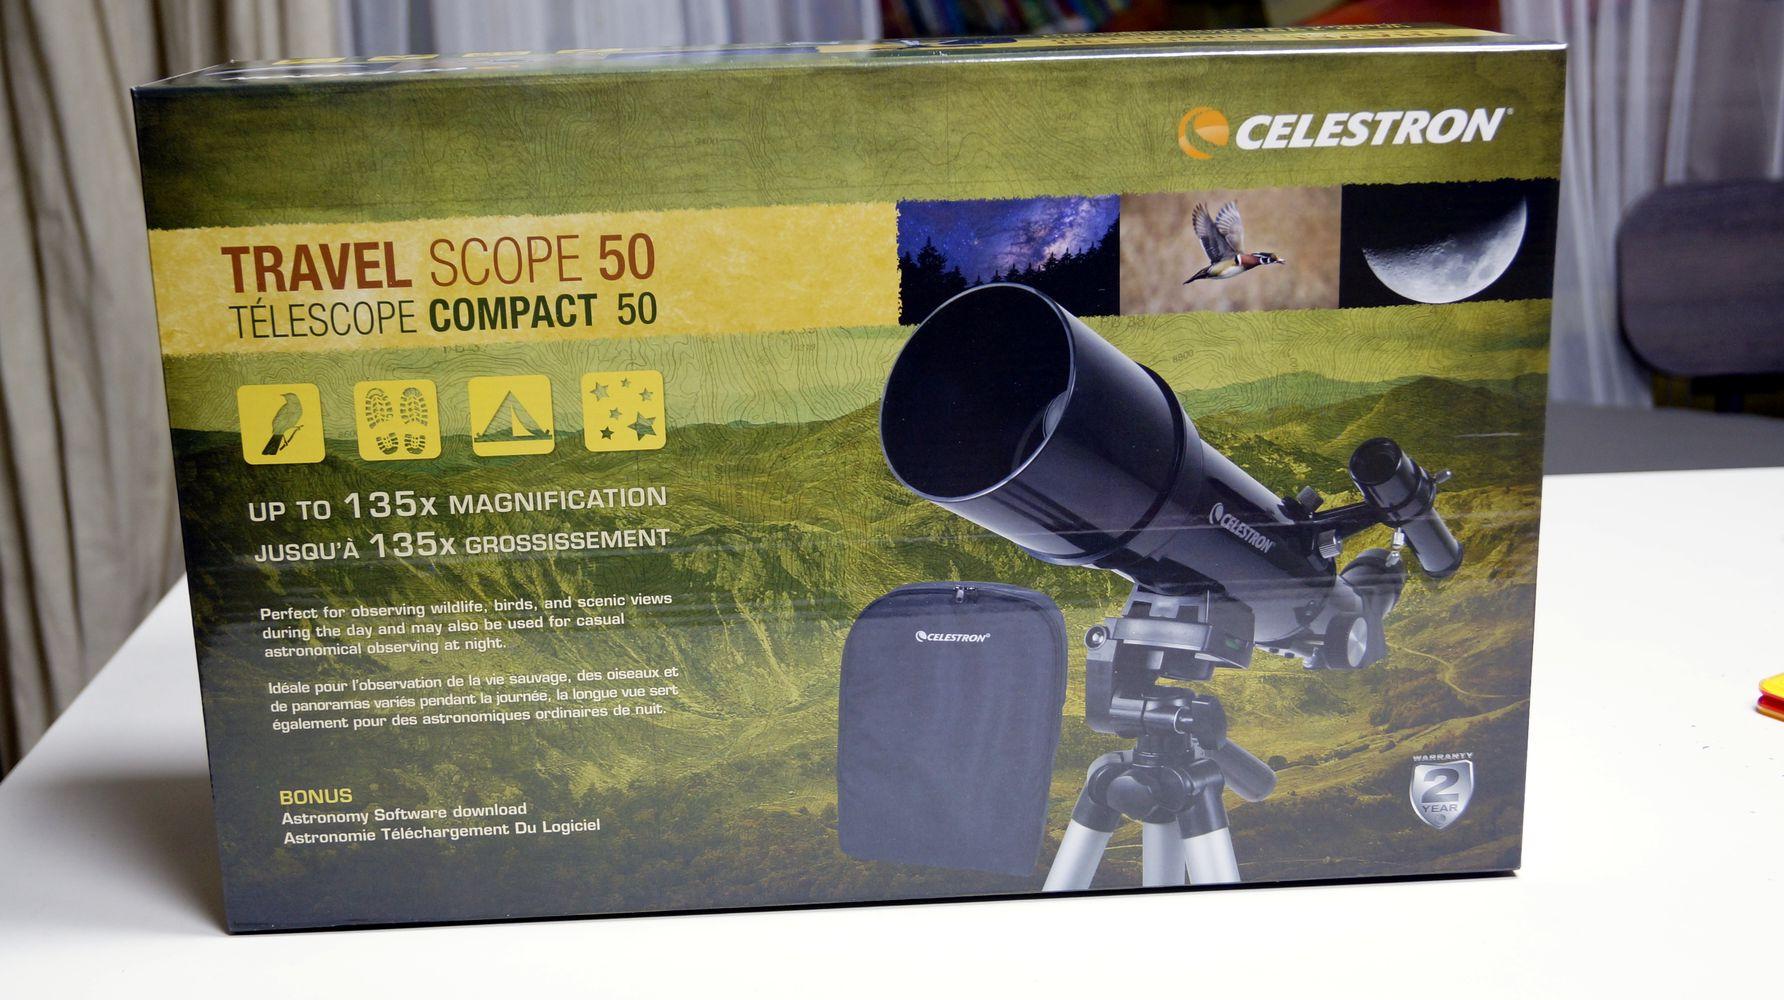 셀레스트론 travel scope 50 천체 망원경으로 달 찍어본 후기